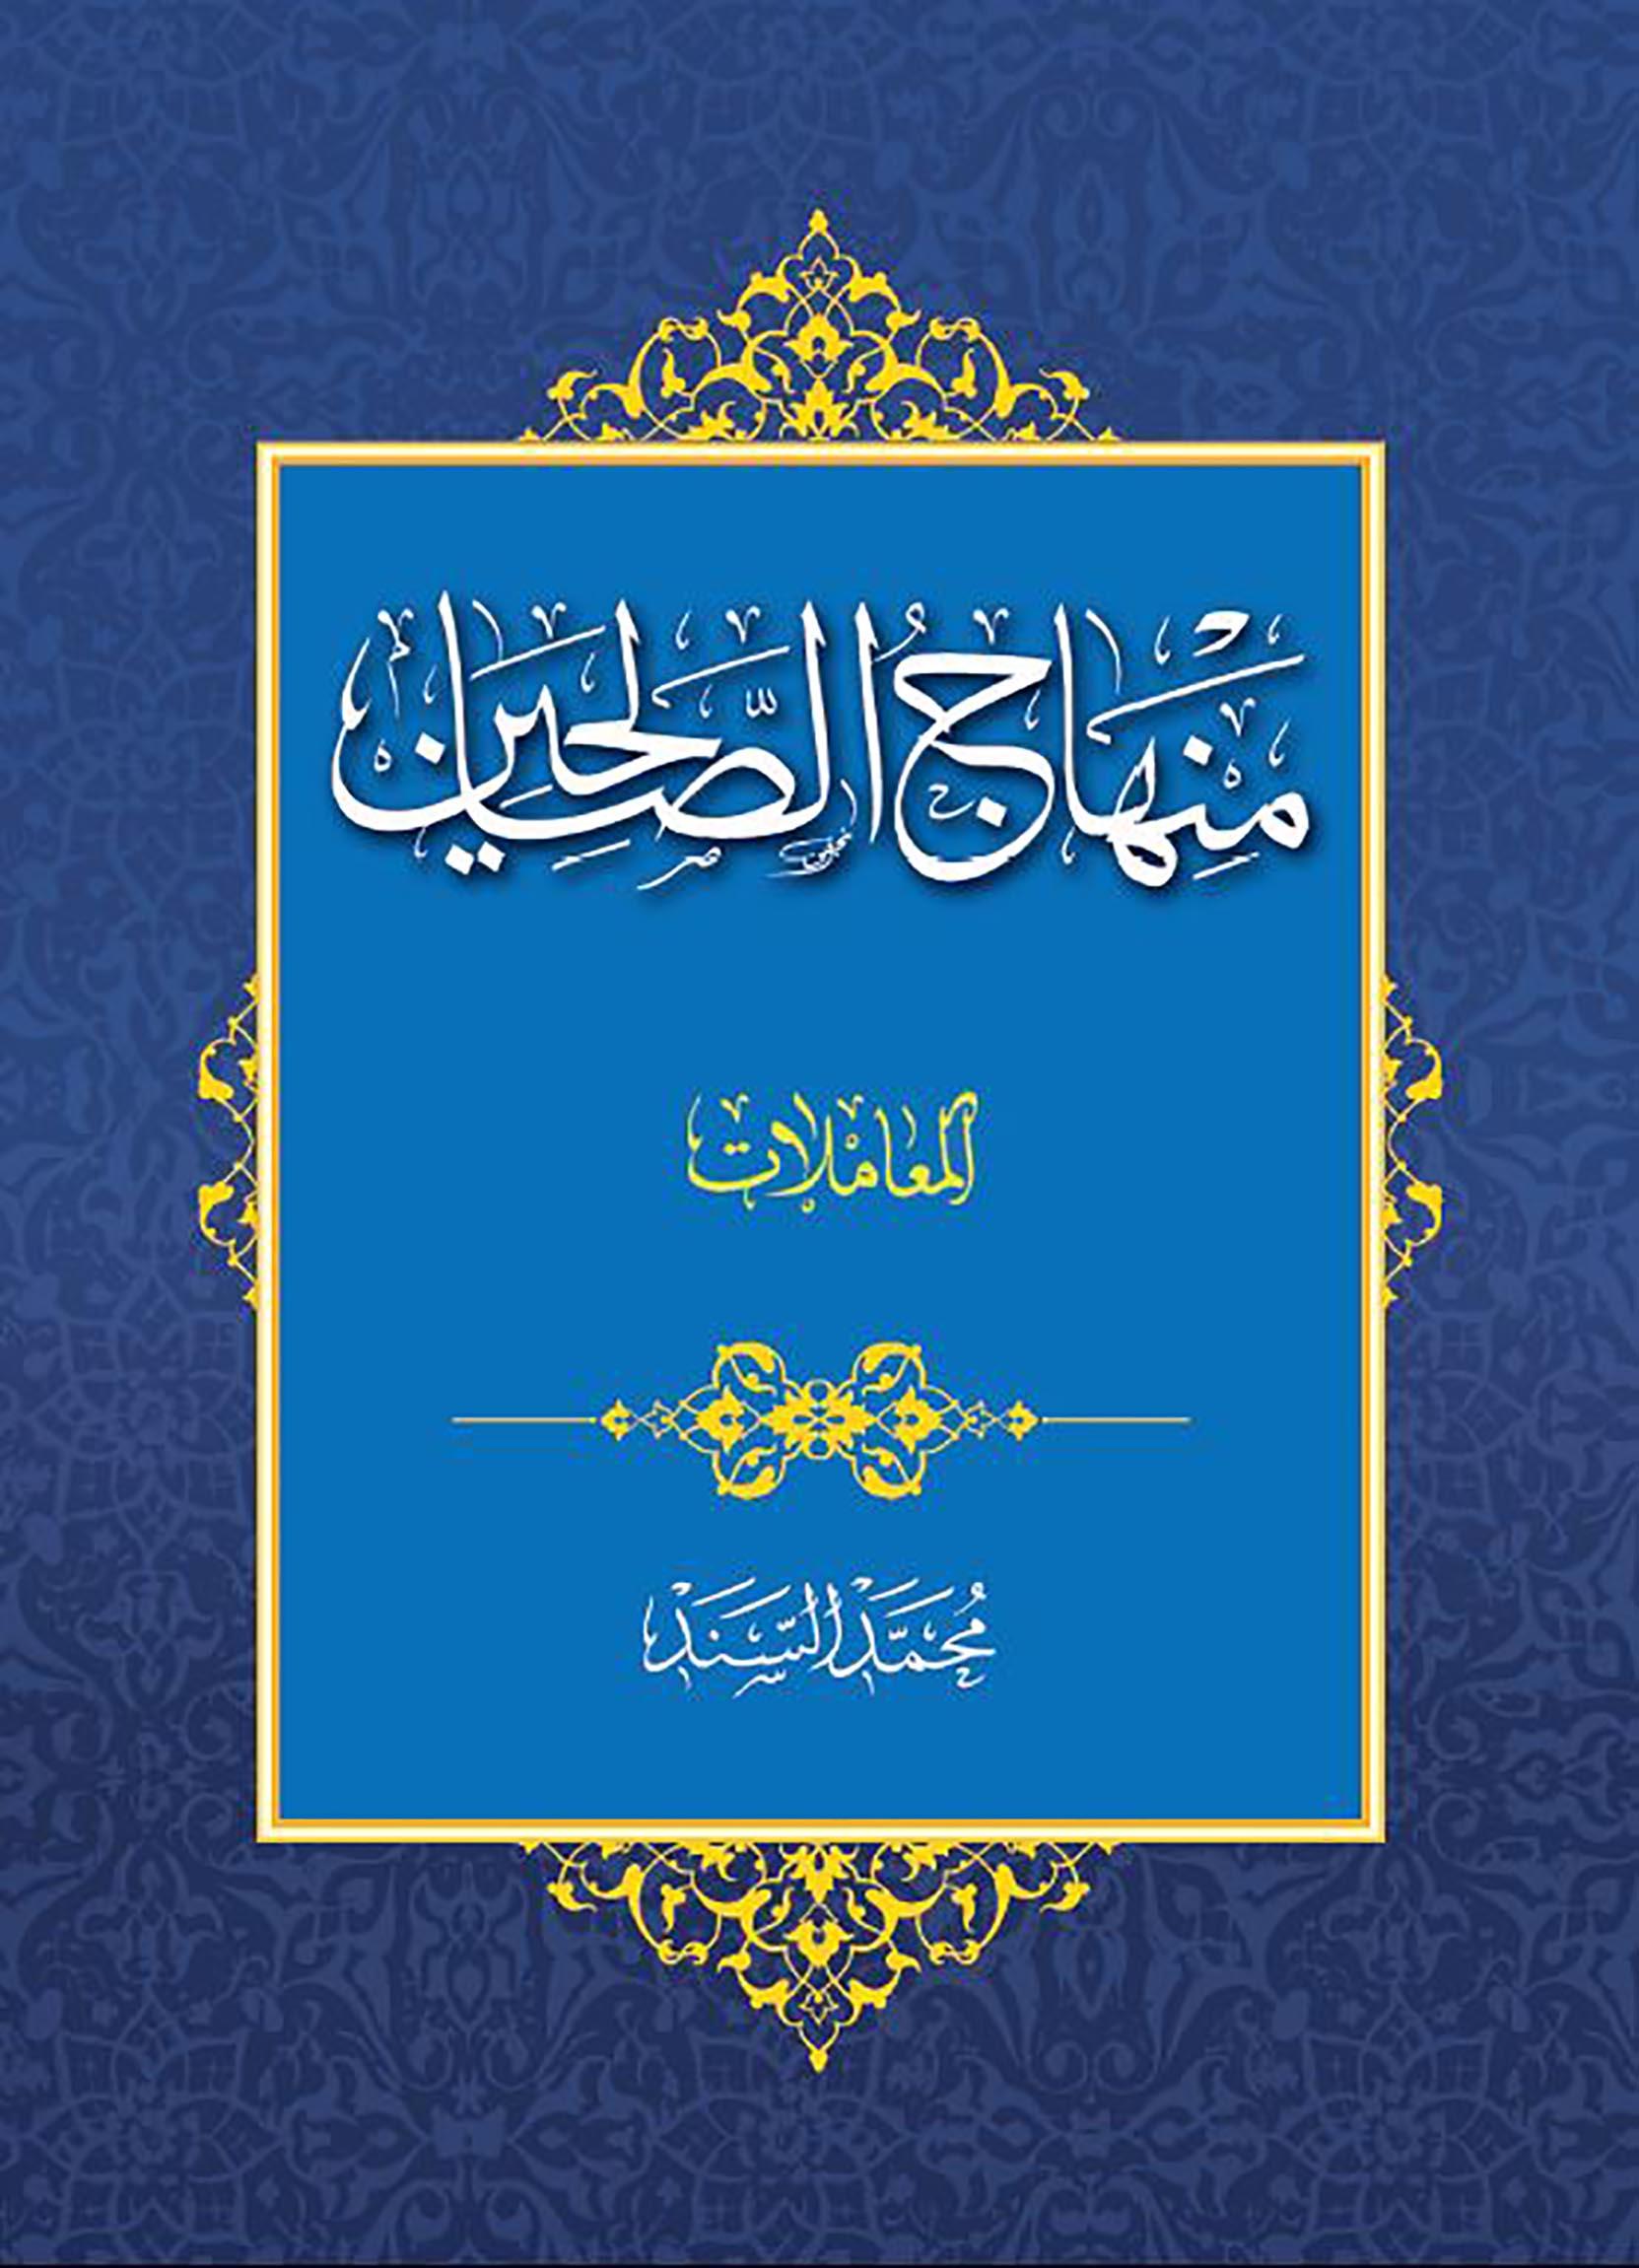 الاســـم:منهاج الصالحين لمحمد السند ج2 غلاف.JPG المشاهدات: 4013 الحجـــم:277.6 كيلوبايت